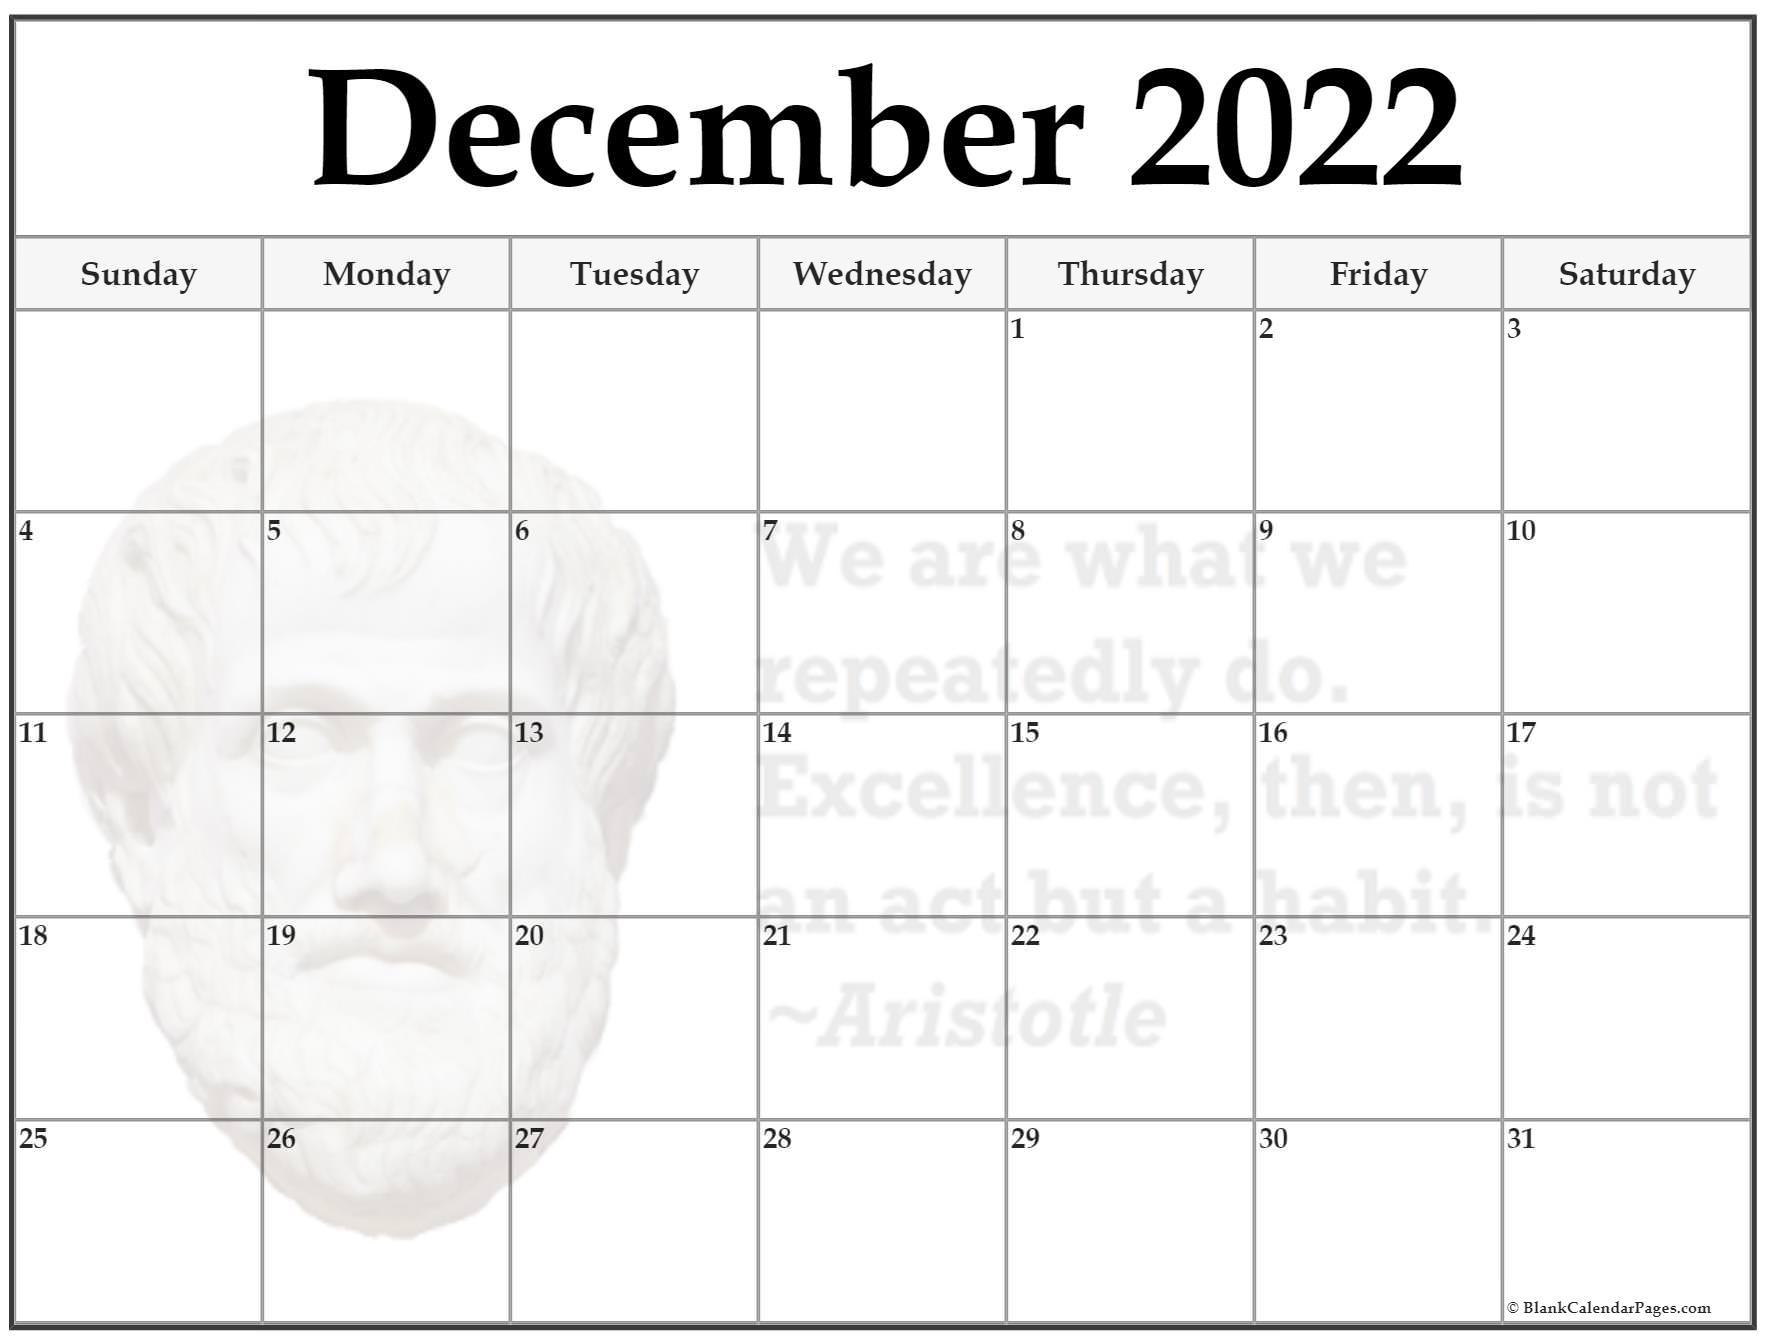 December 2022 Aristotle quote calendar